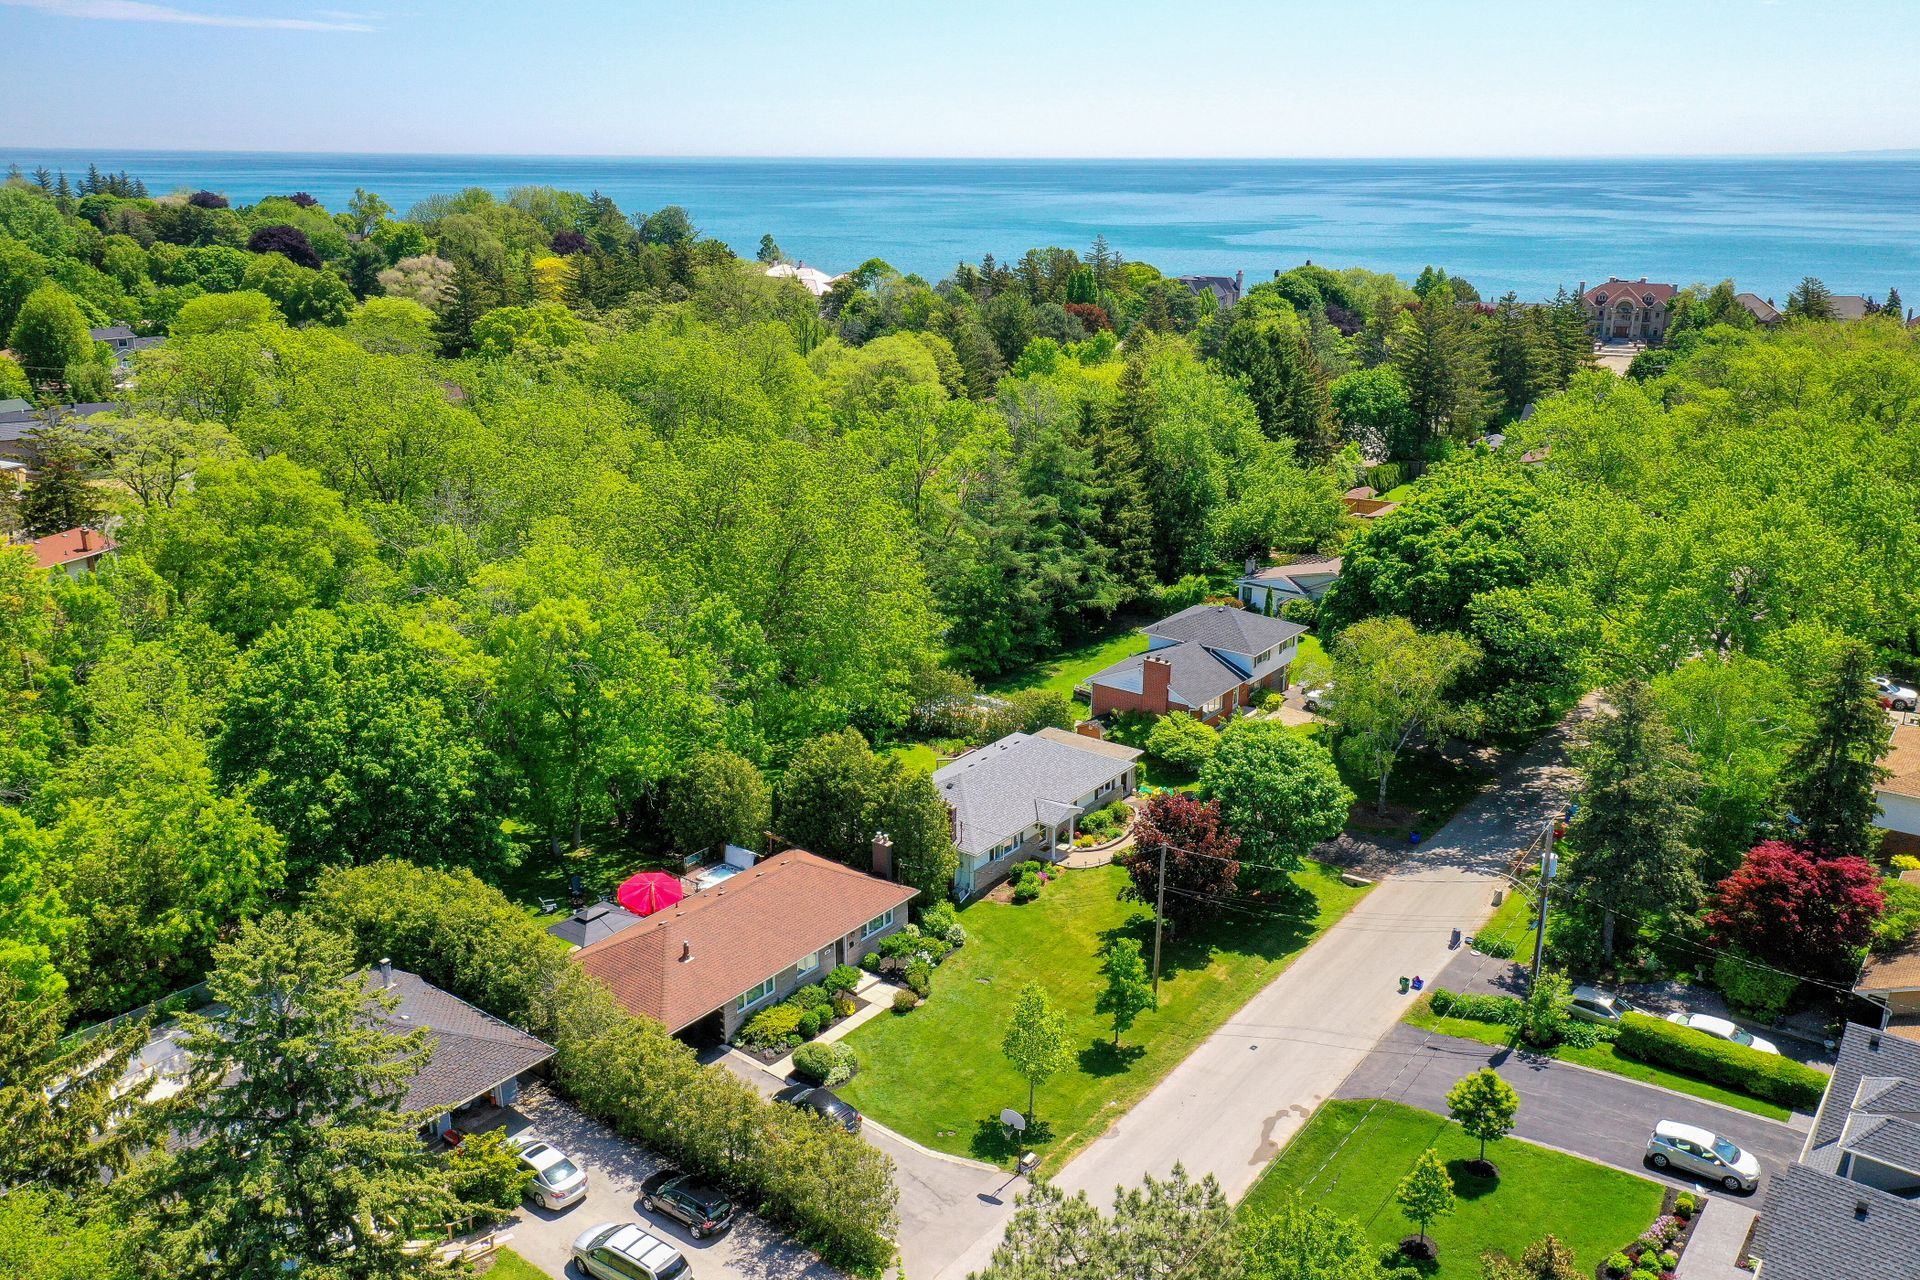 249-lakeview-ave-burlington-aerial-view1 at 249 Lakeview Ave, Burlington,